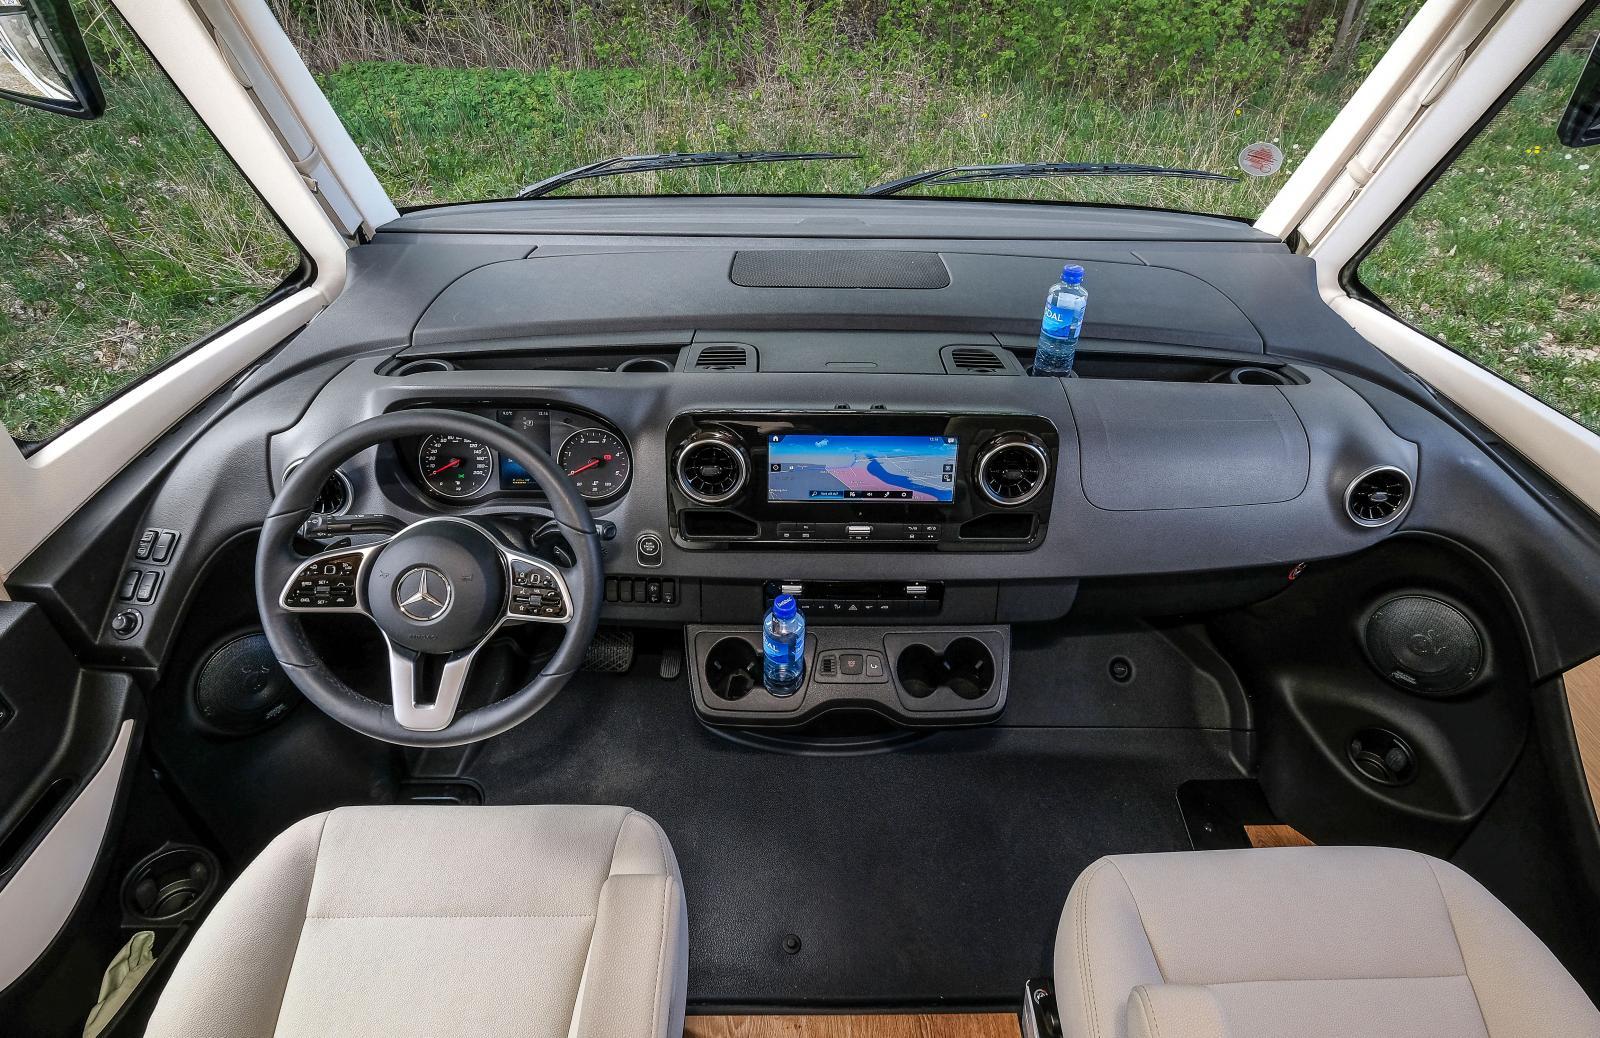 Mängder av förvaringar och drickahållare i nya Mercedes-Benz Sprinter. Treekrad ratt fylld med knappar och bra skärm i mitten